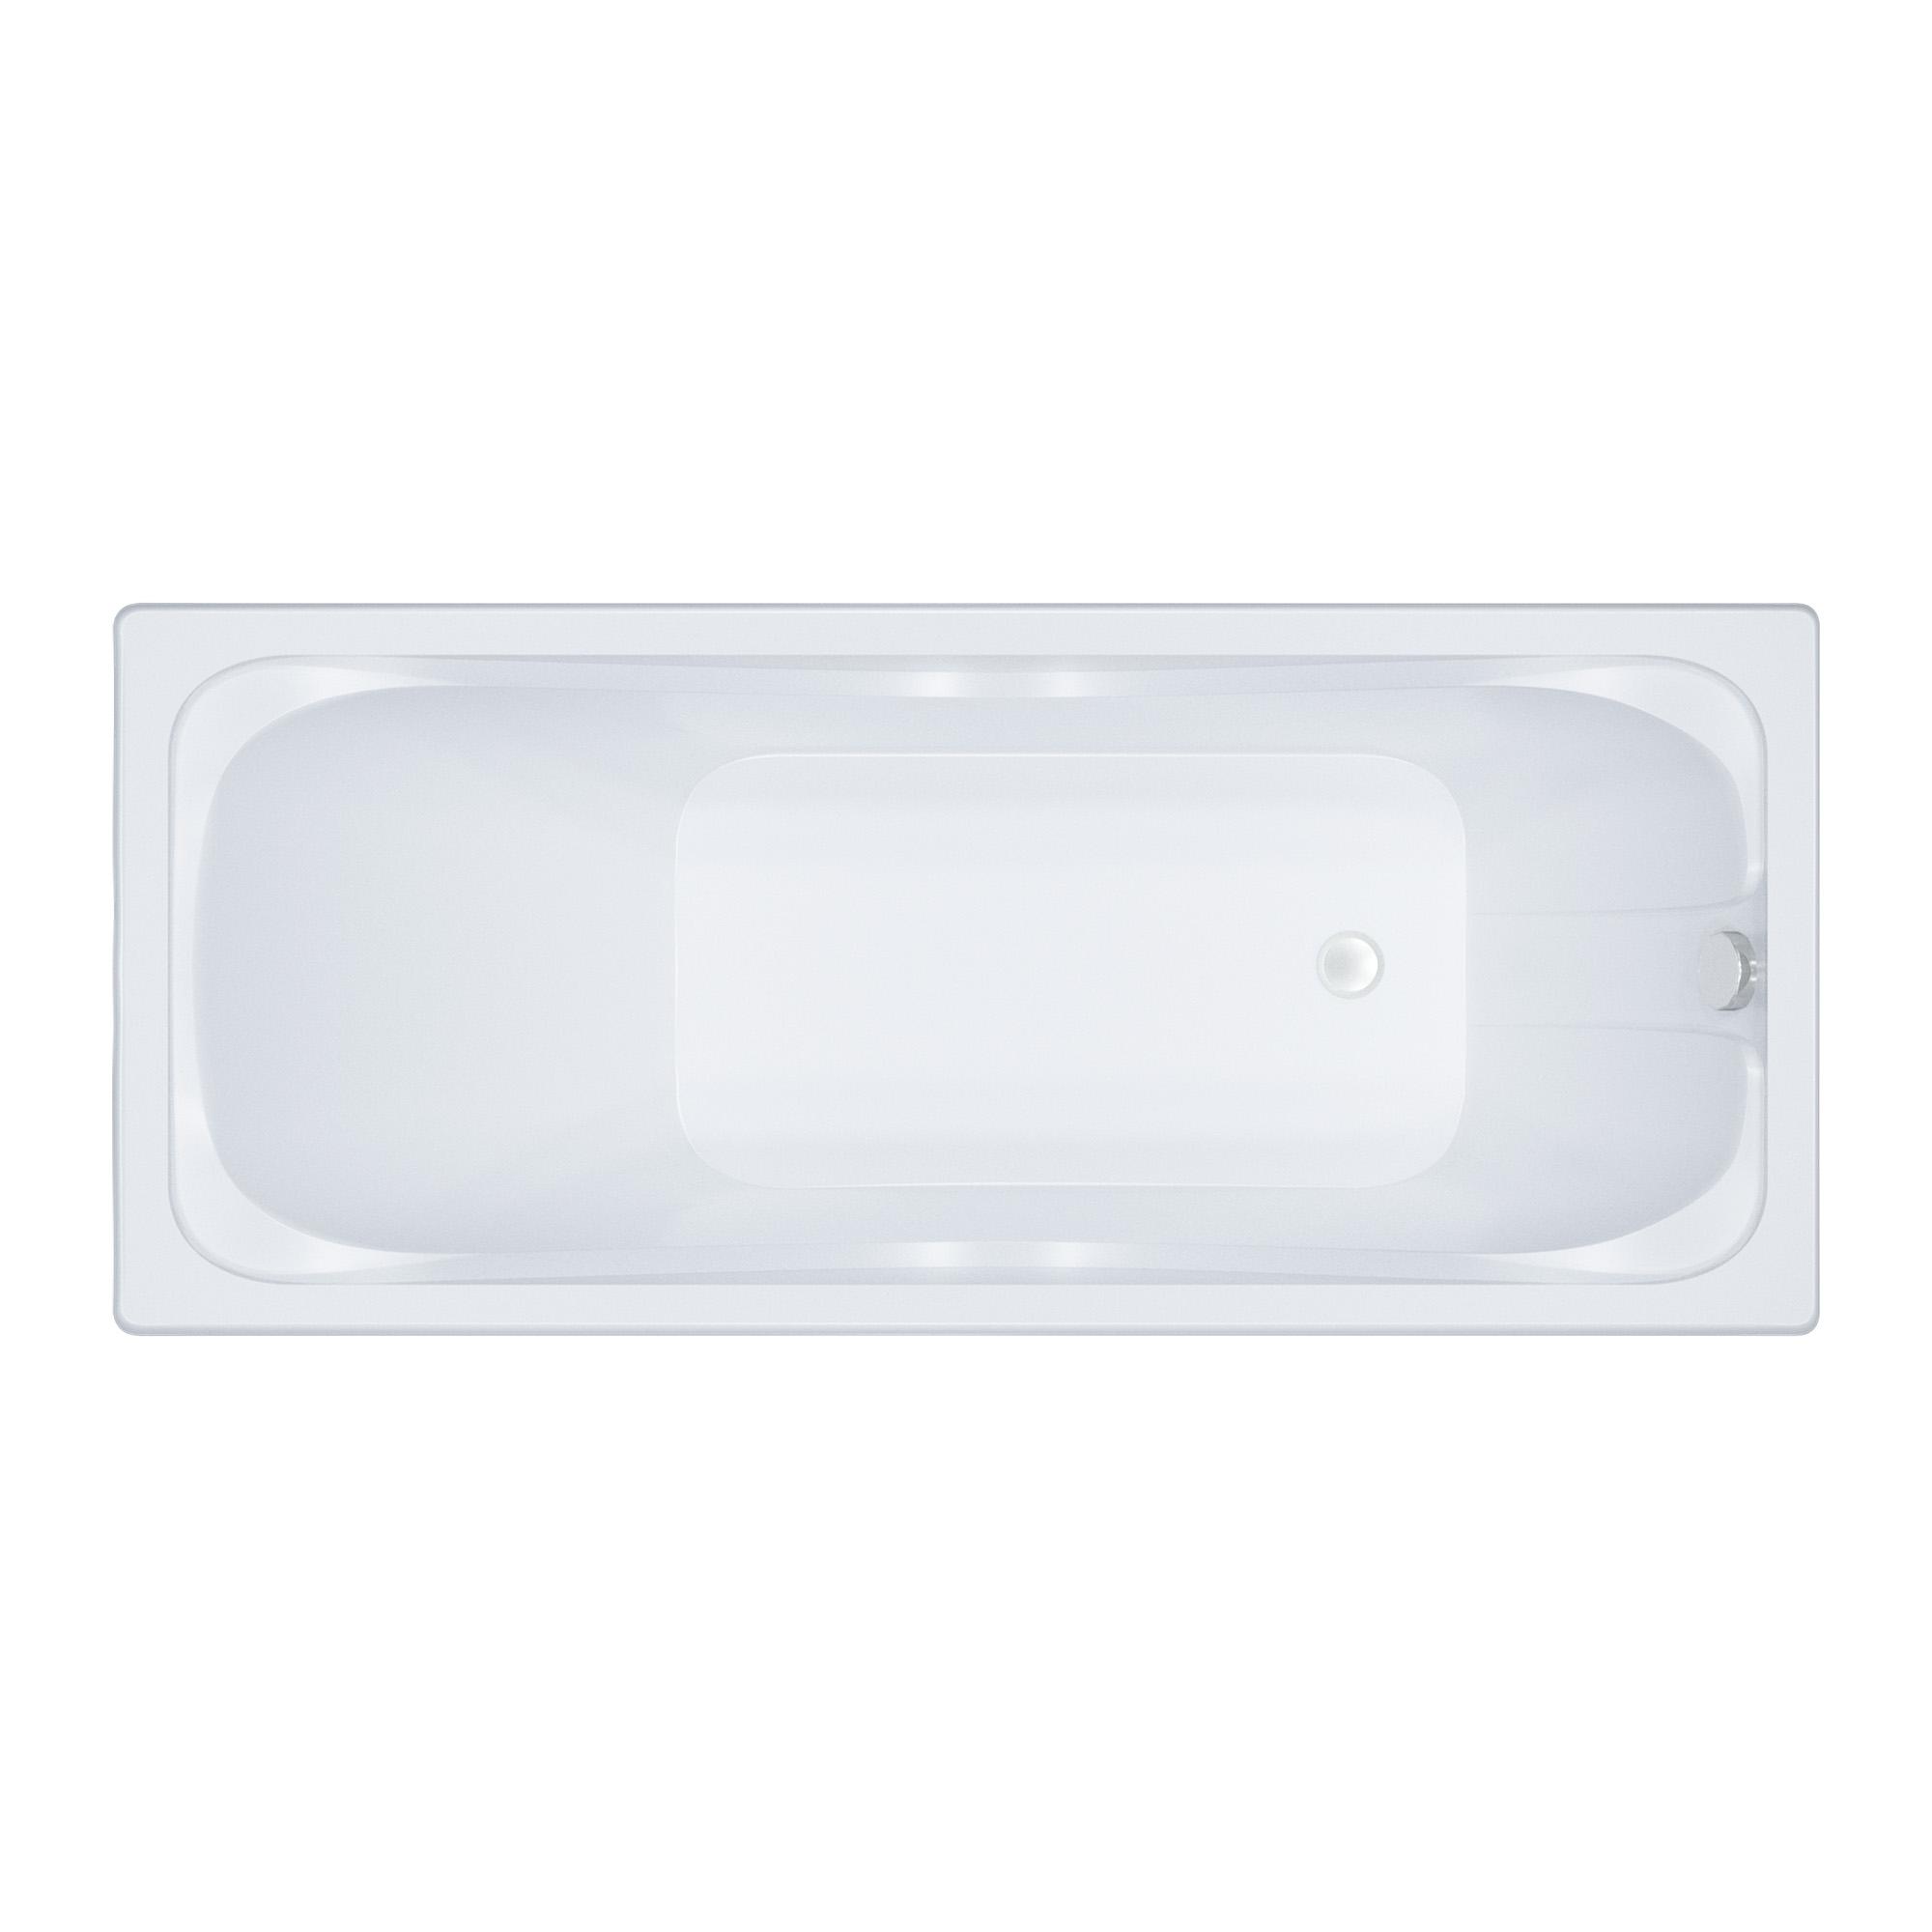 Акриловая ванна Тритон Стандарт 120 слив перелив alcaplast для ванны под бронзу a55 antic